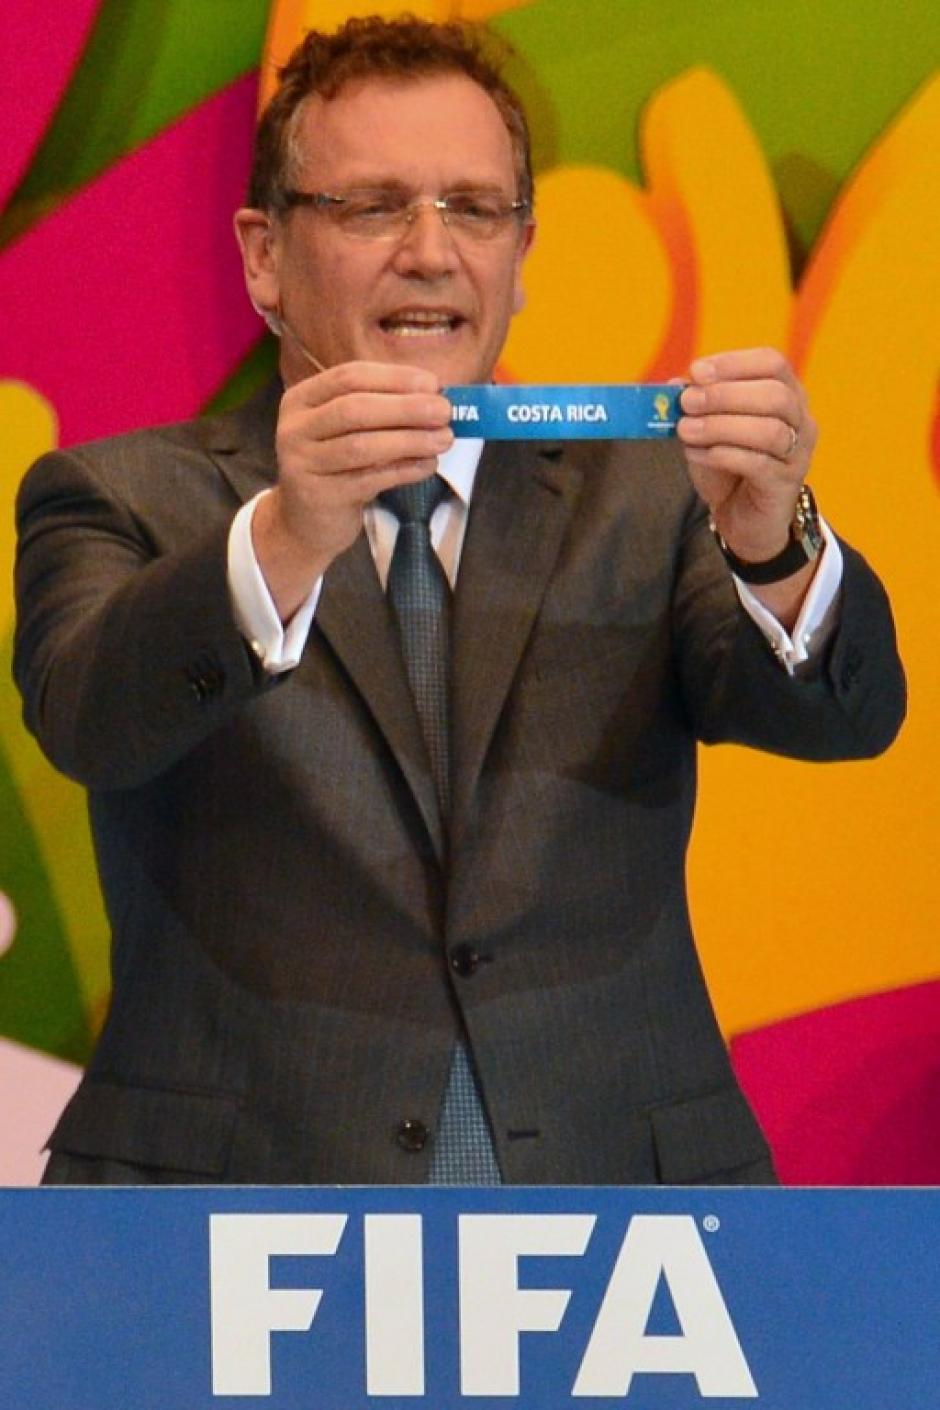 """Costa Rica estará en el grupo D, el llamado el de """"Grupo de la muerte"""" junto con tres ex campeones mundiales. (Foto: AFP)"""